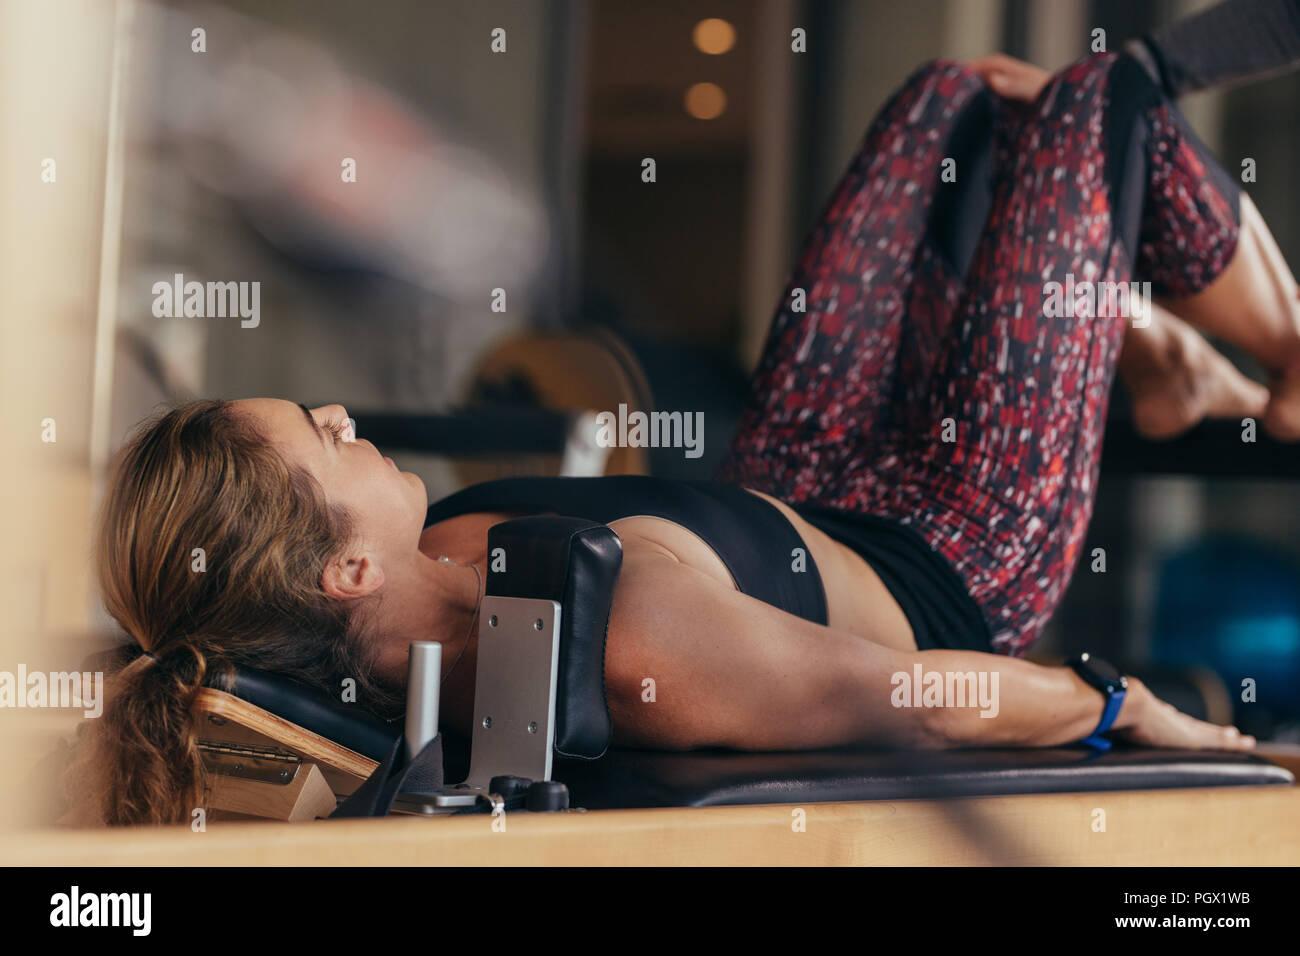 Donna Fitness facendo pilates allenamento giacente su una macchina fitness. Pilates donna in una palestra a fare gli esercizi. Foto Stock